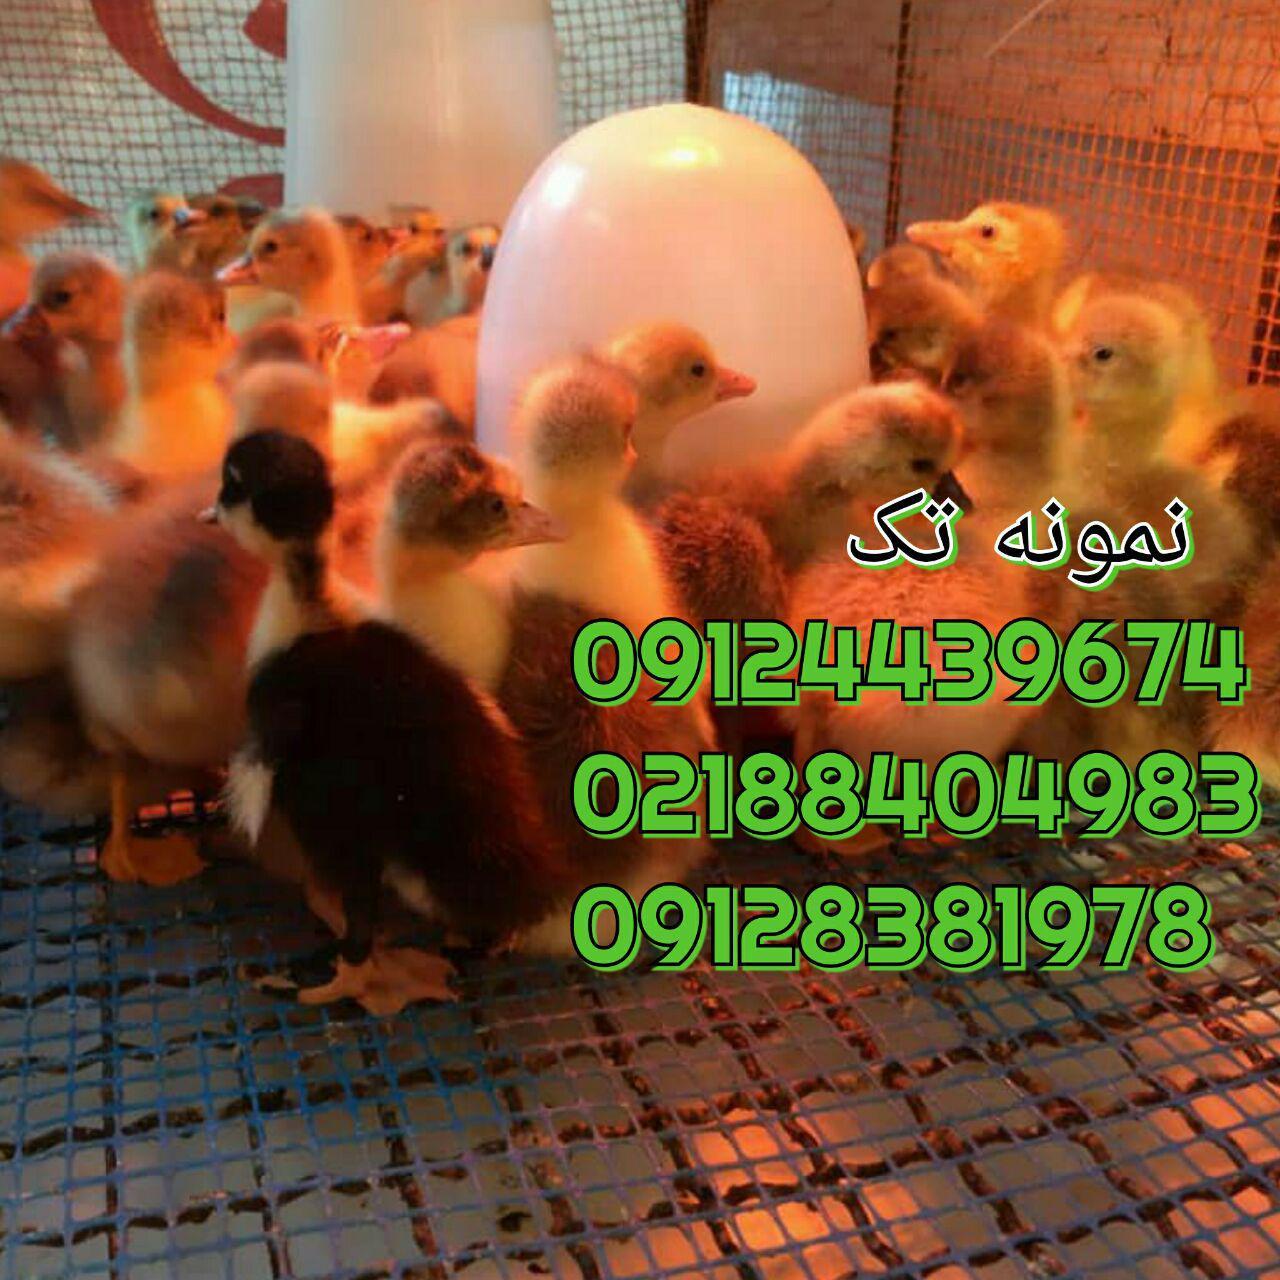 فروش اردک یک ماهه 09128381978 09131392838 09121393868 خرید اردگ پکنی یکماه 091324496359